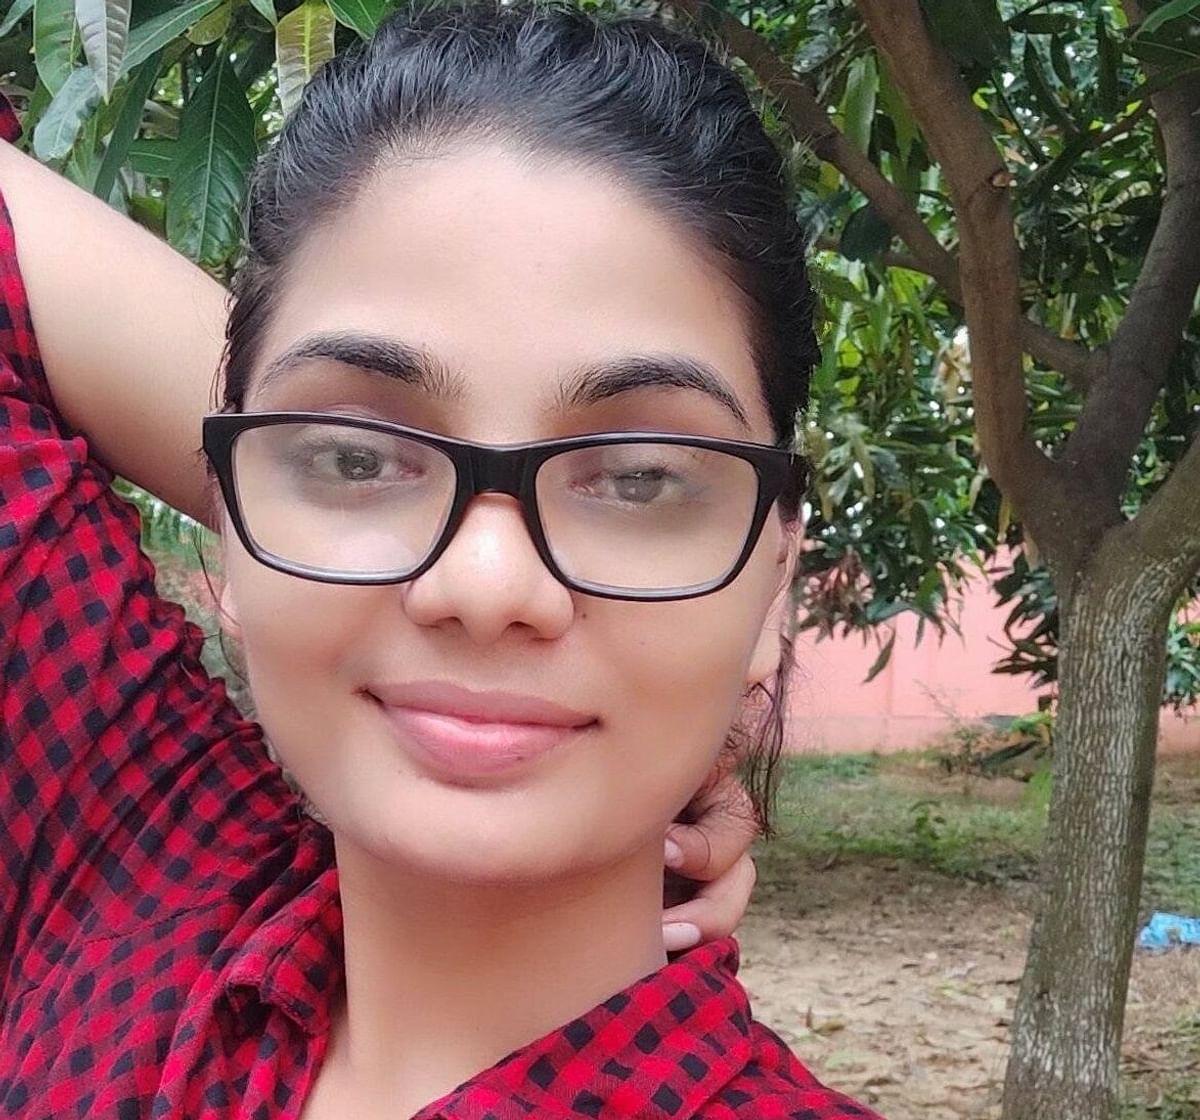 bhojpuri folk singer neha singh rathore new song creates controversy  allahabad university bihar latest news updates rkt | Viral Video: नये गाने  से विवादों में घिरीं 'बिहार में का बा' वाली नेहा